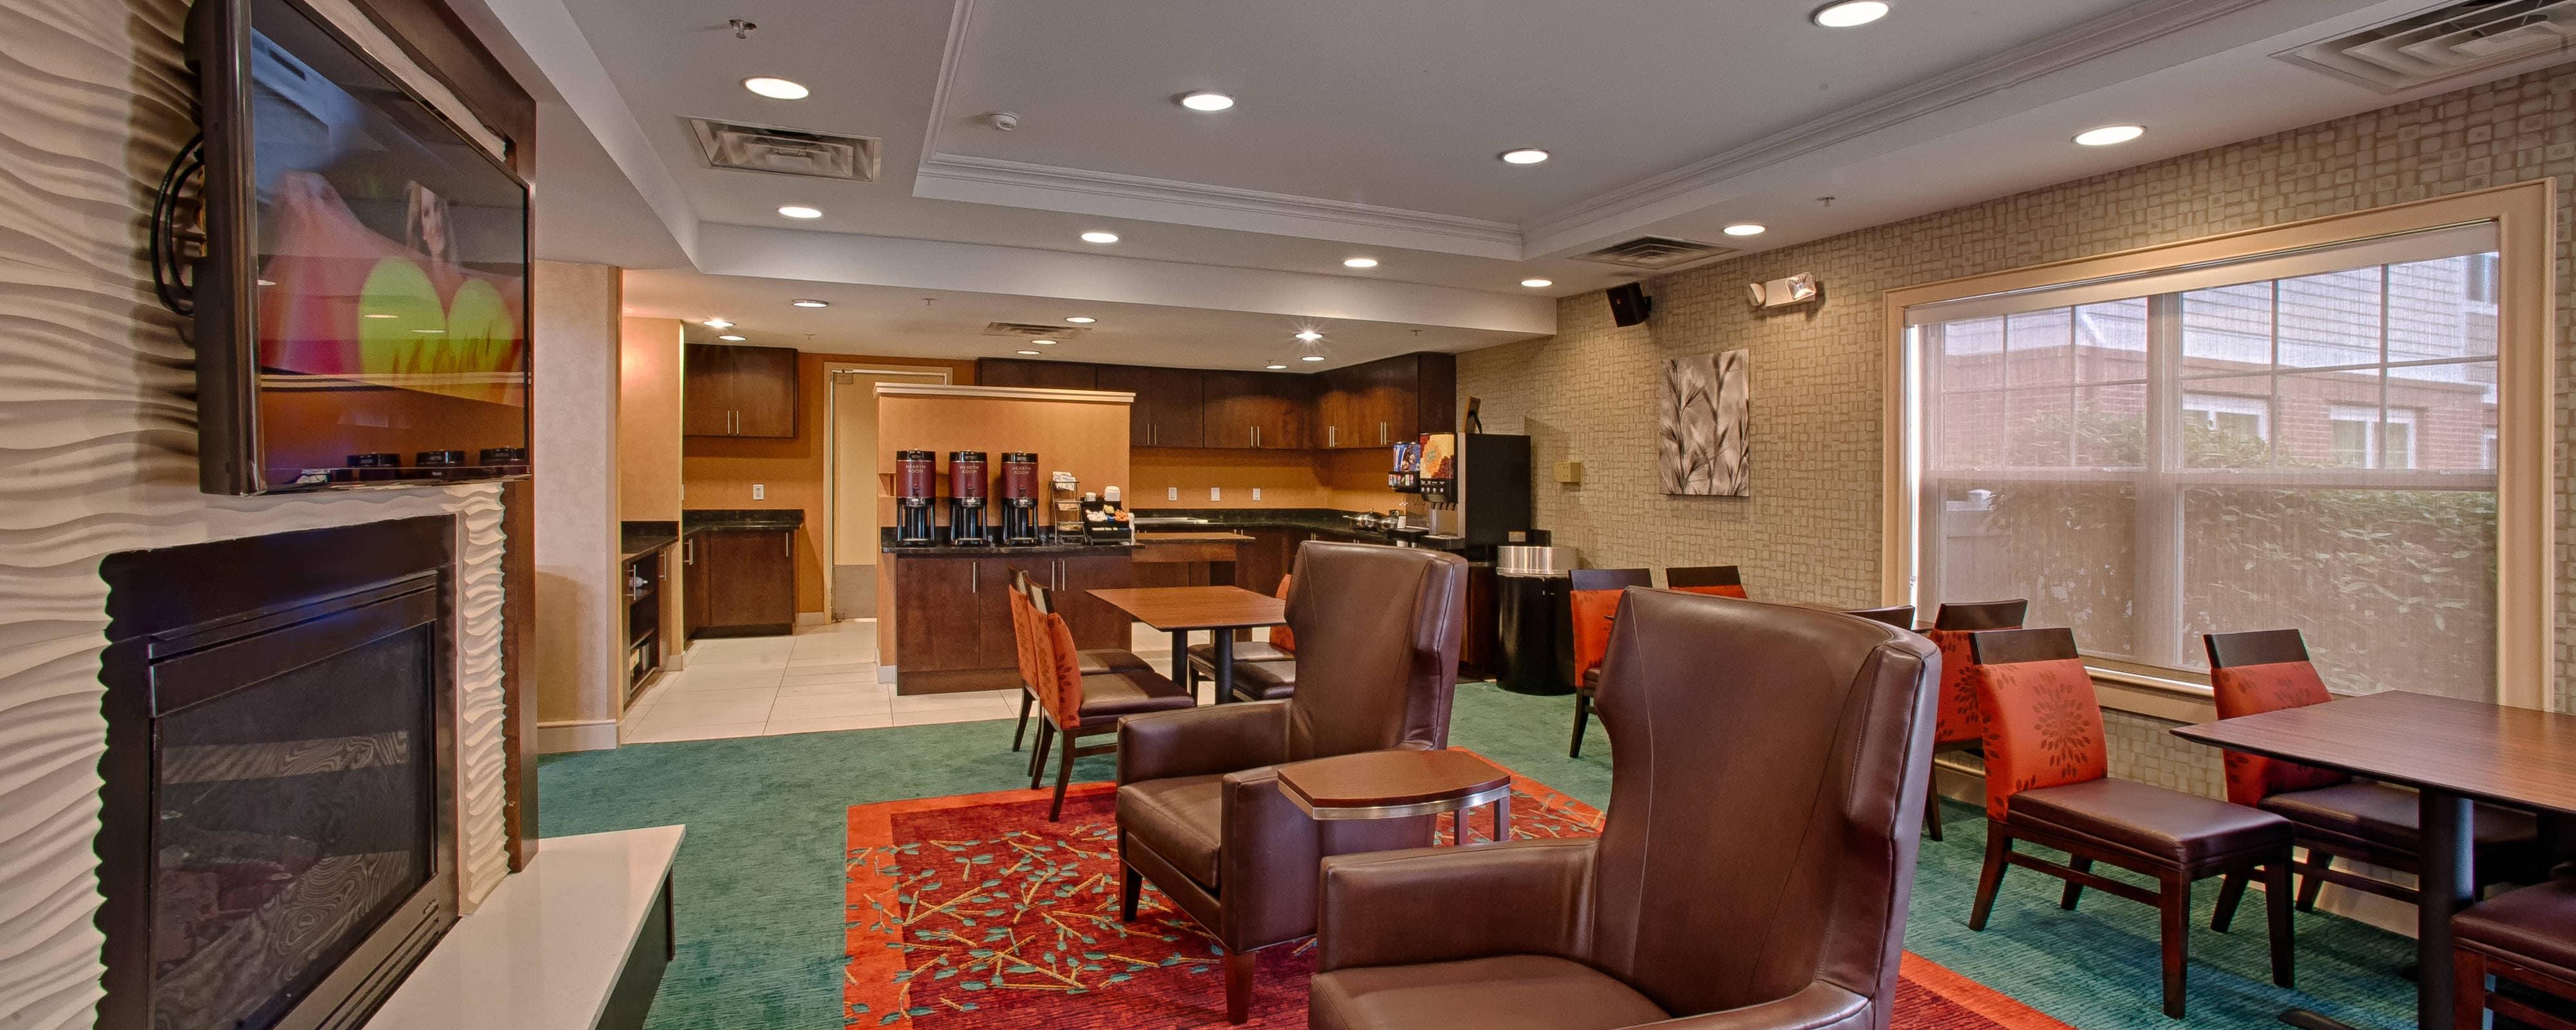 Extended-Stay Hotels in Neptune, NJ | Residence Inn Neptune at ...